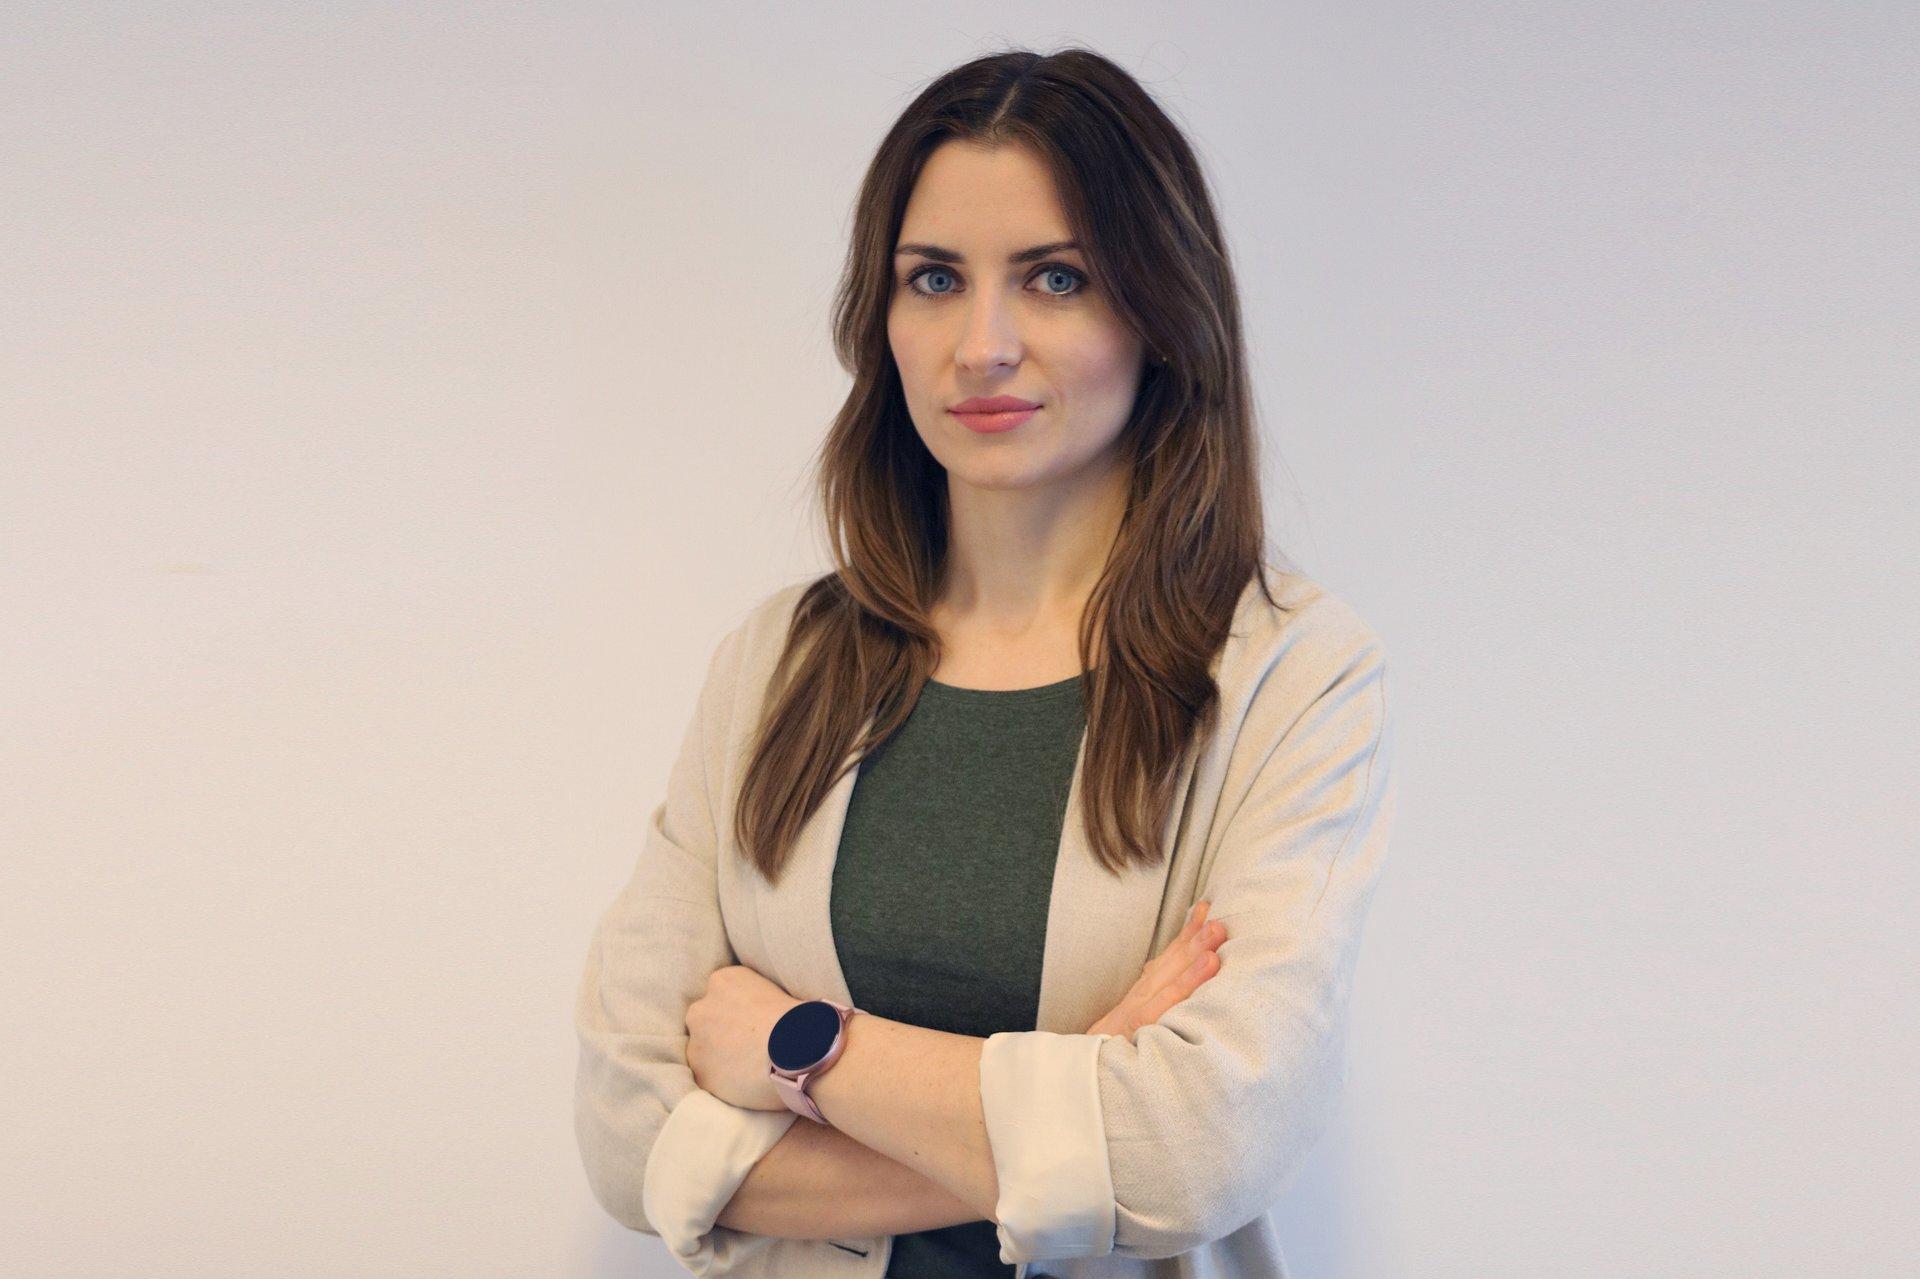 Ewelina Jaskuła awansowała w agencji Good One PR